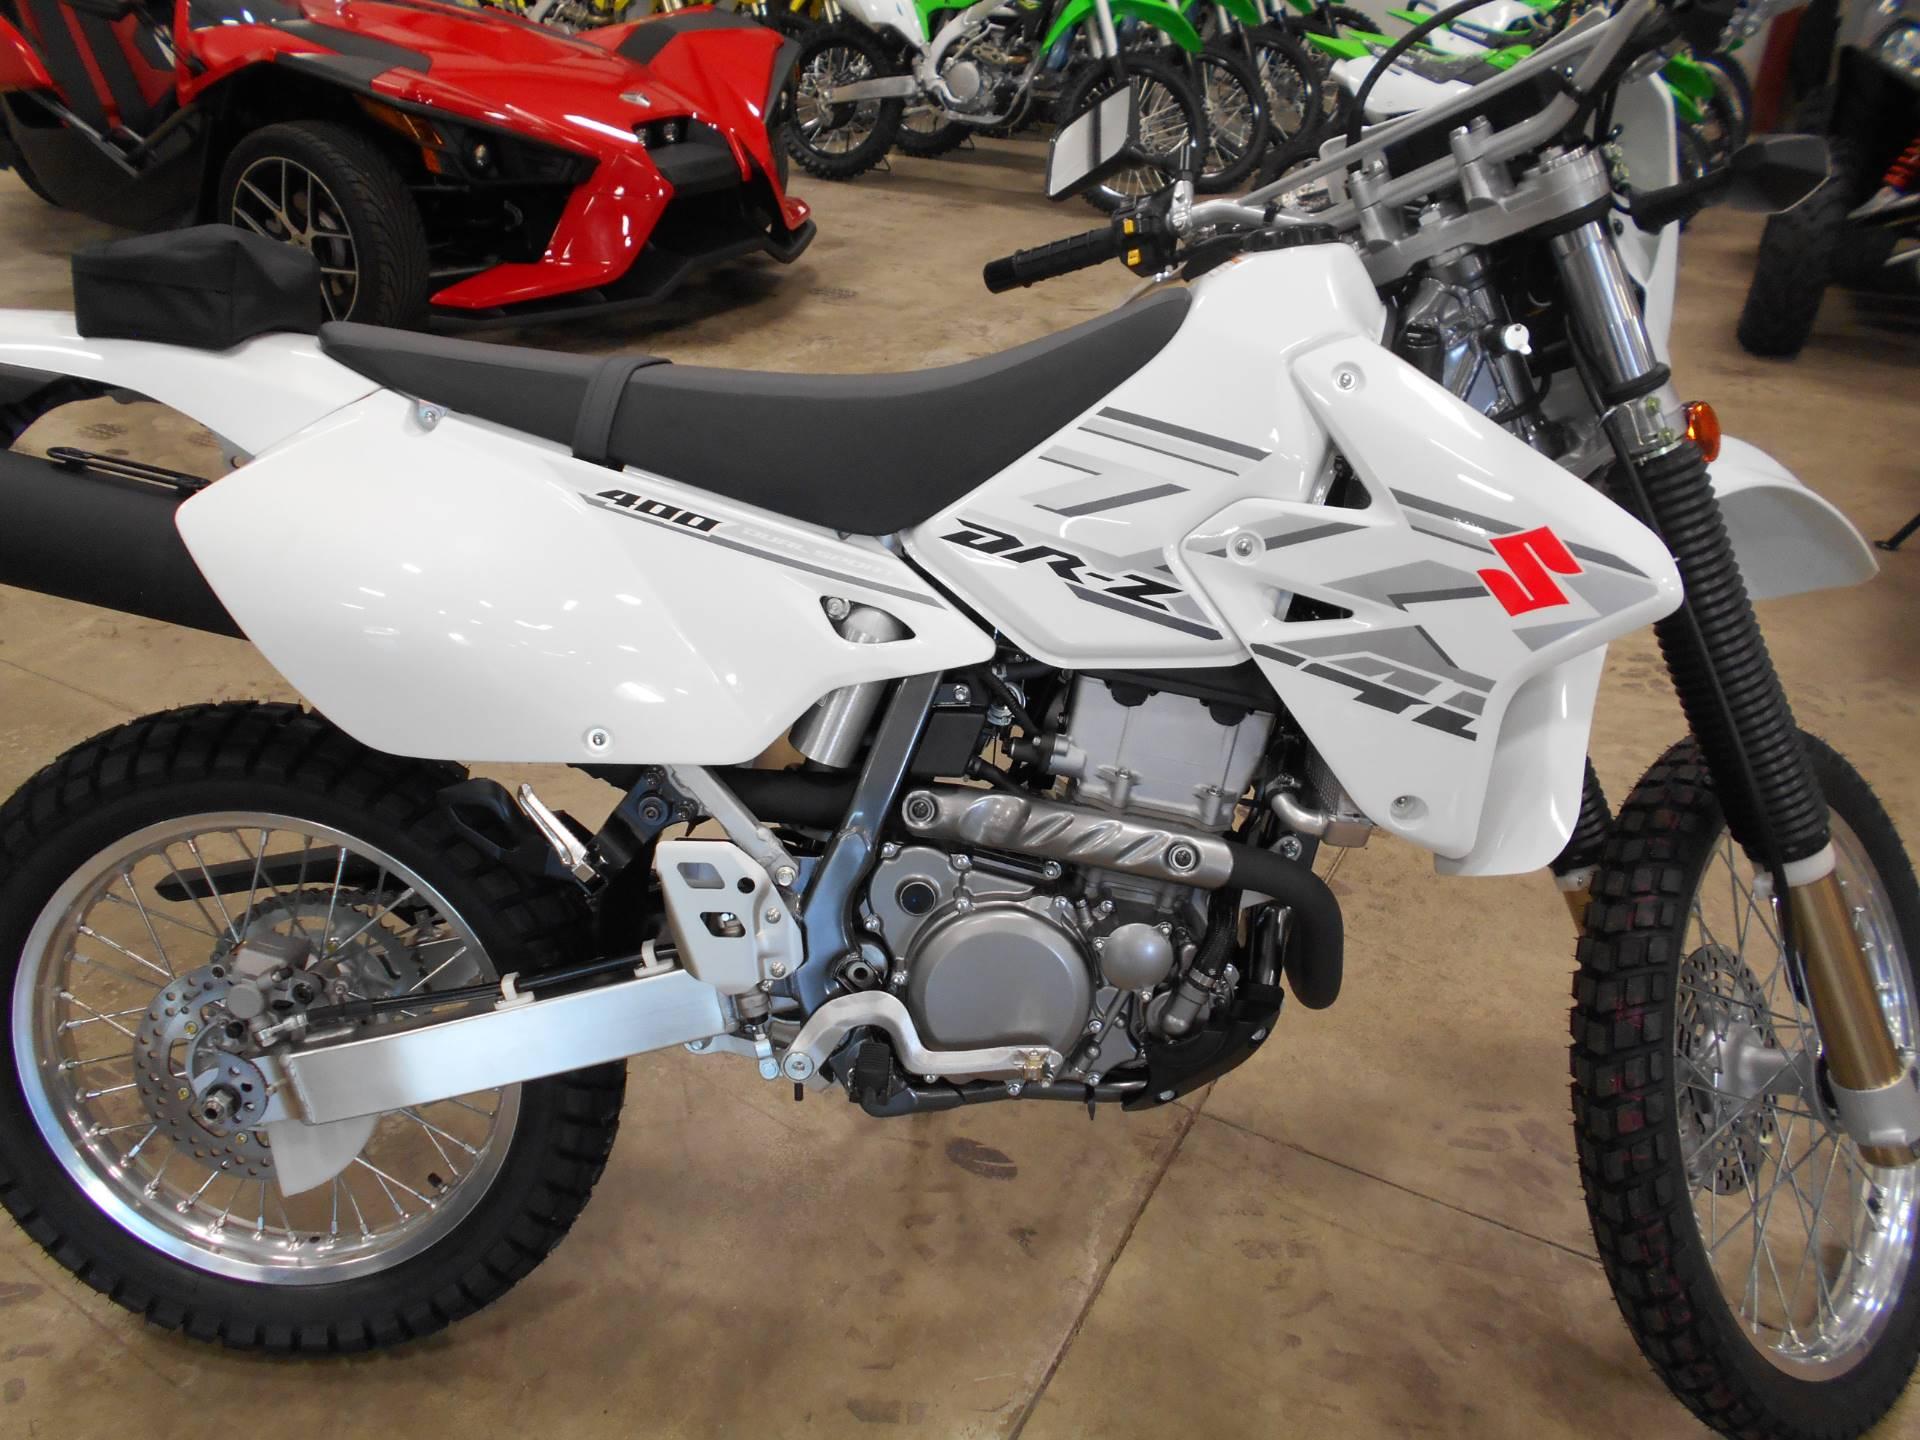 New 2018 Suzuki DR-Z400S Motorcycles in Belvidere, IL